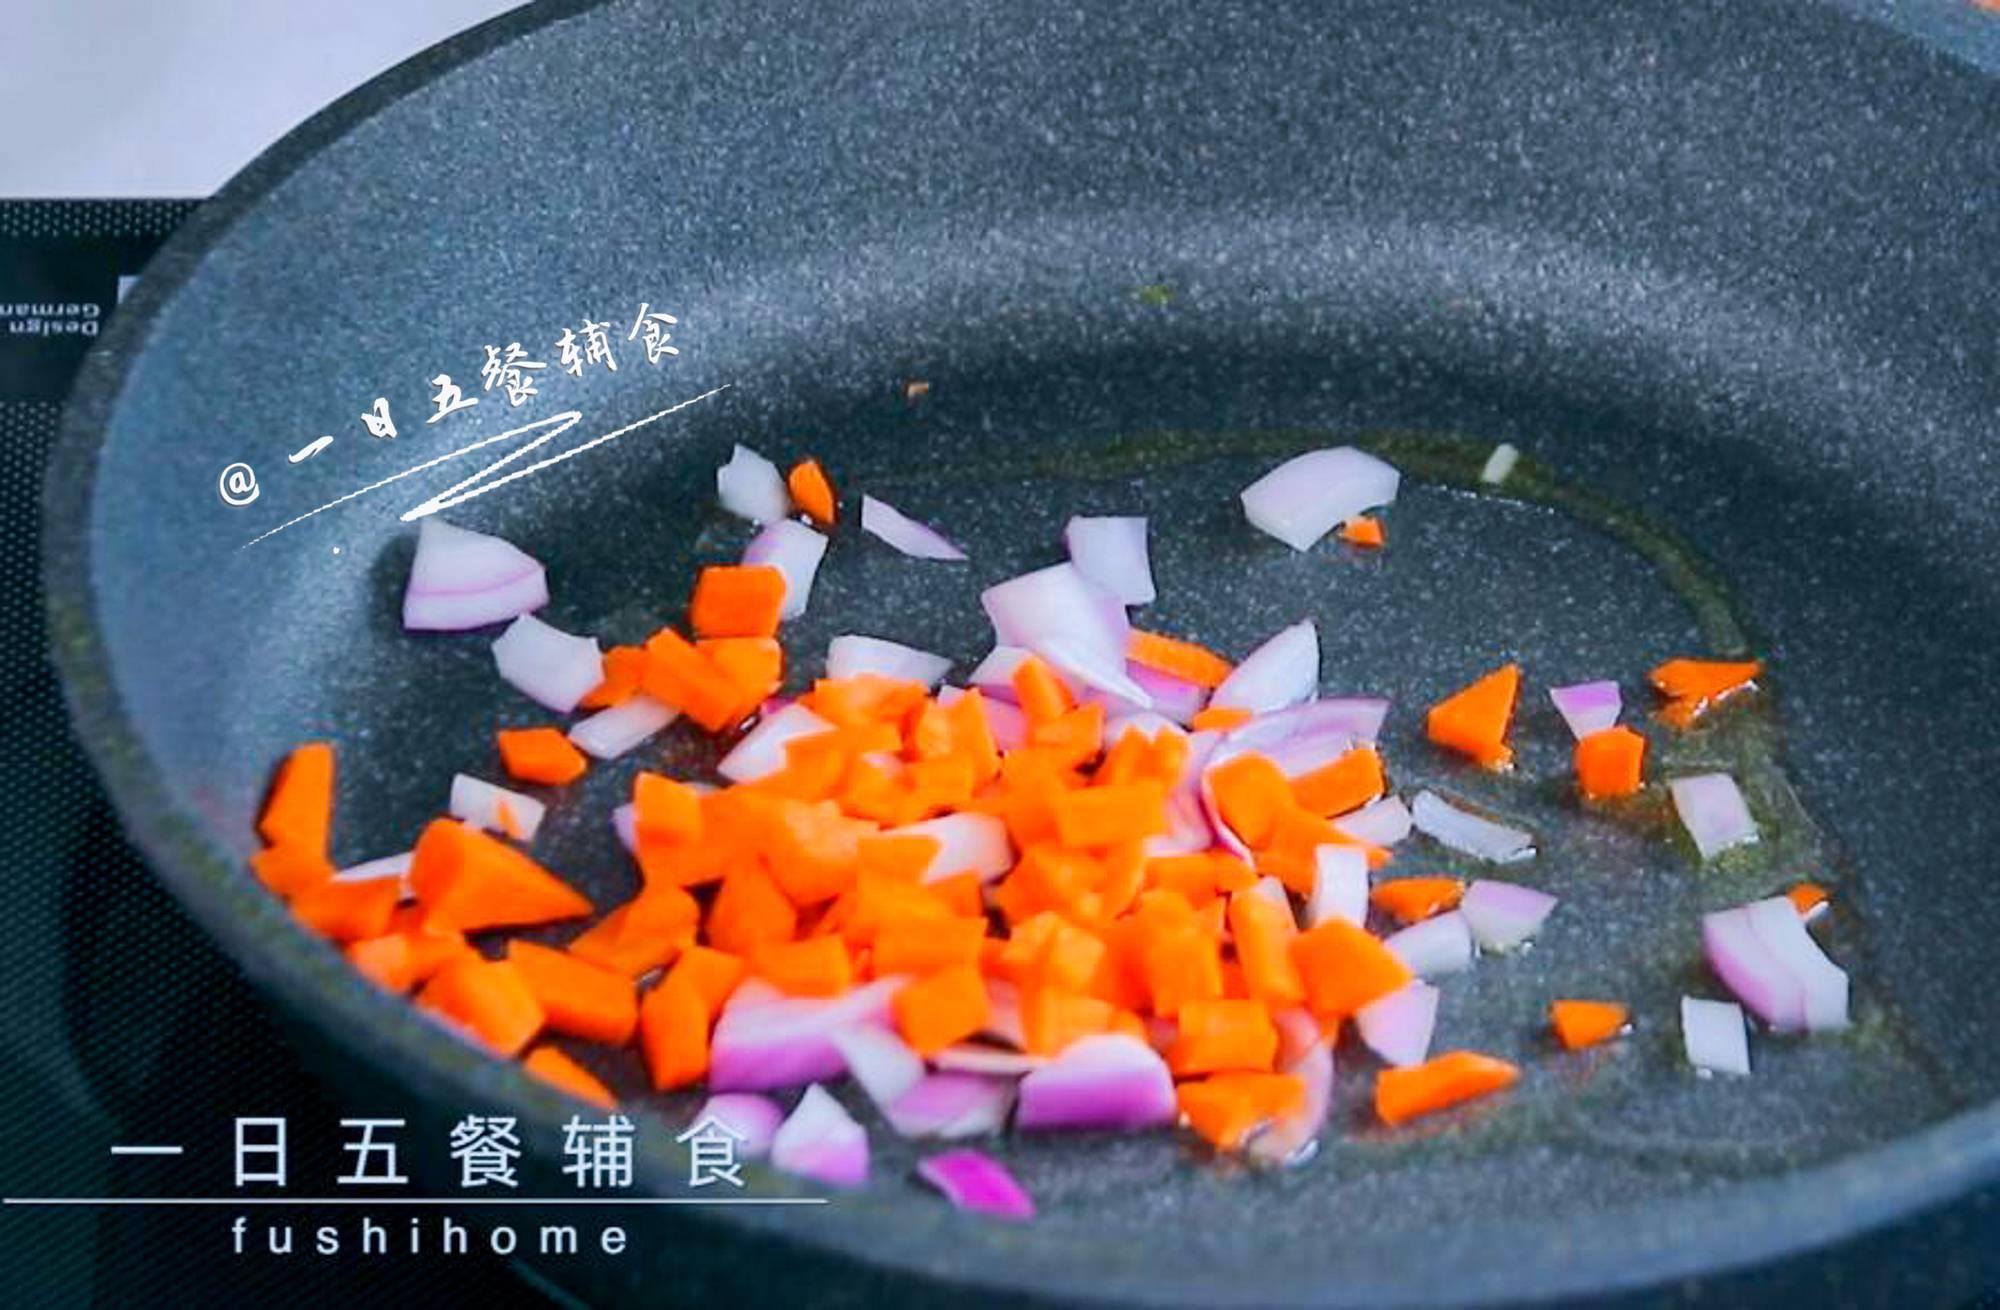 牛肉杂蔬焗饭,锅中倒油,油温热下洋葱丁、胡萝卜丁翻炒出香味。</p> <p>